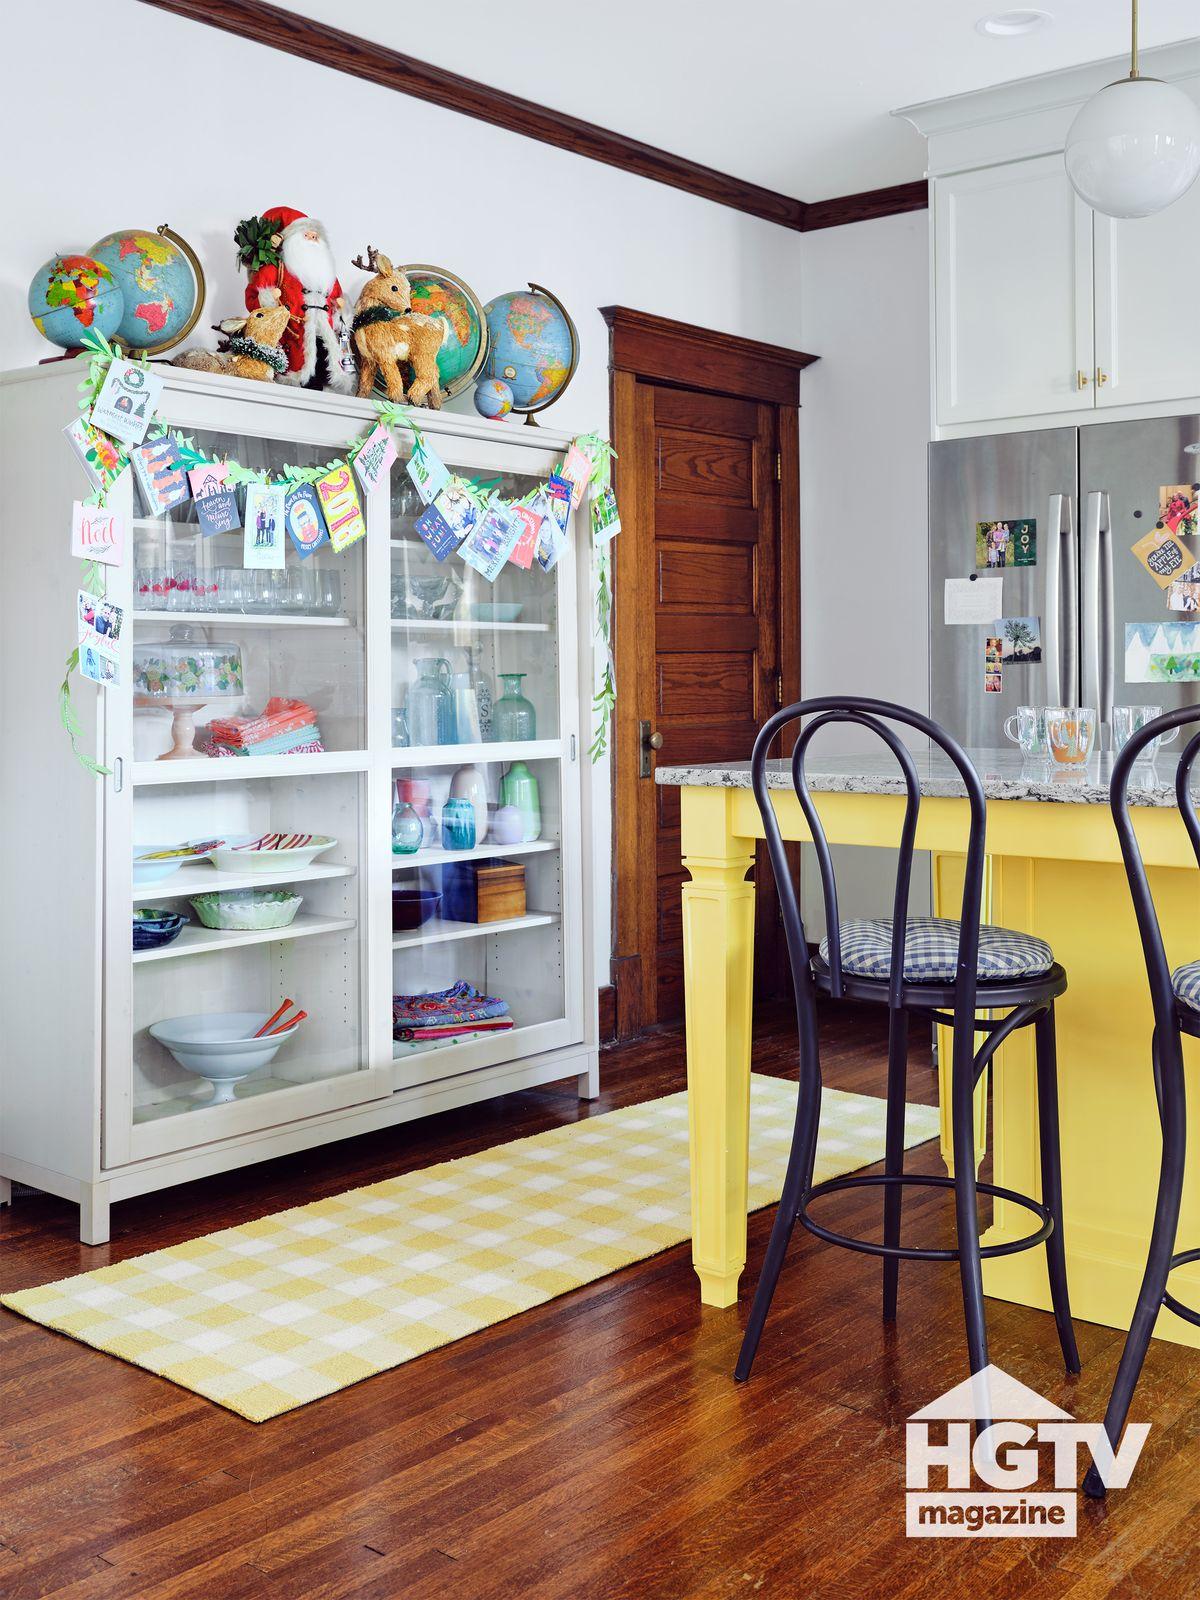 A bright kitchen nook featured in HGTV Magazine